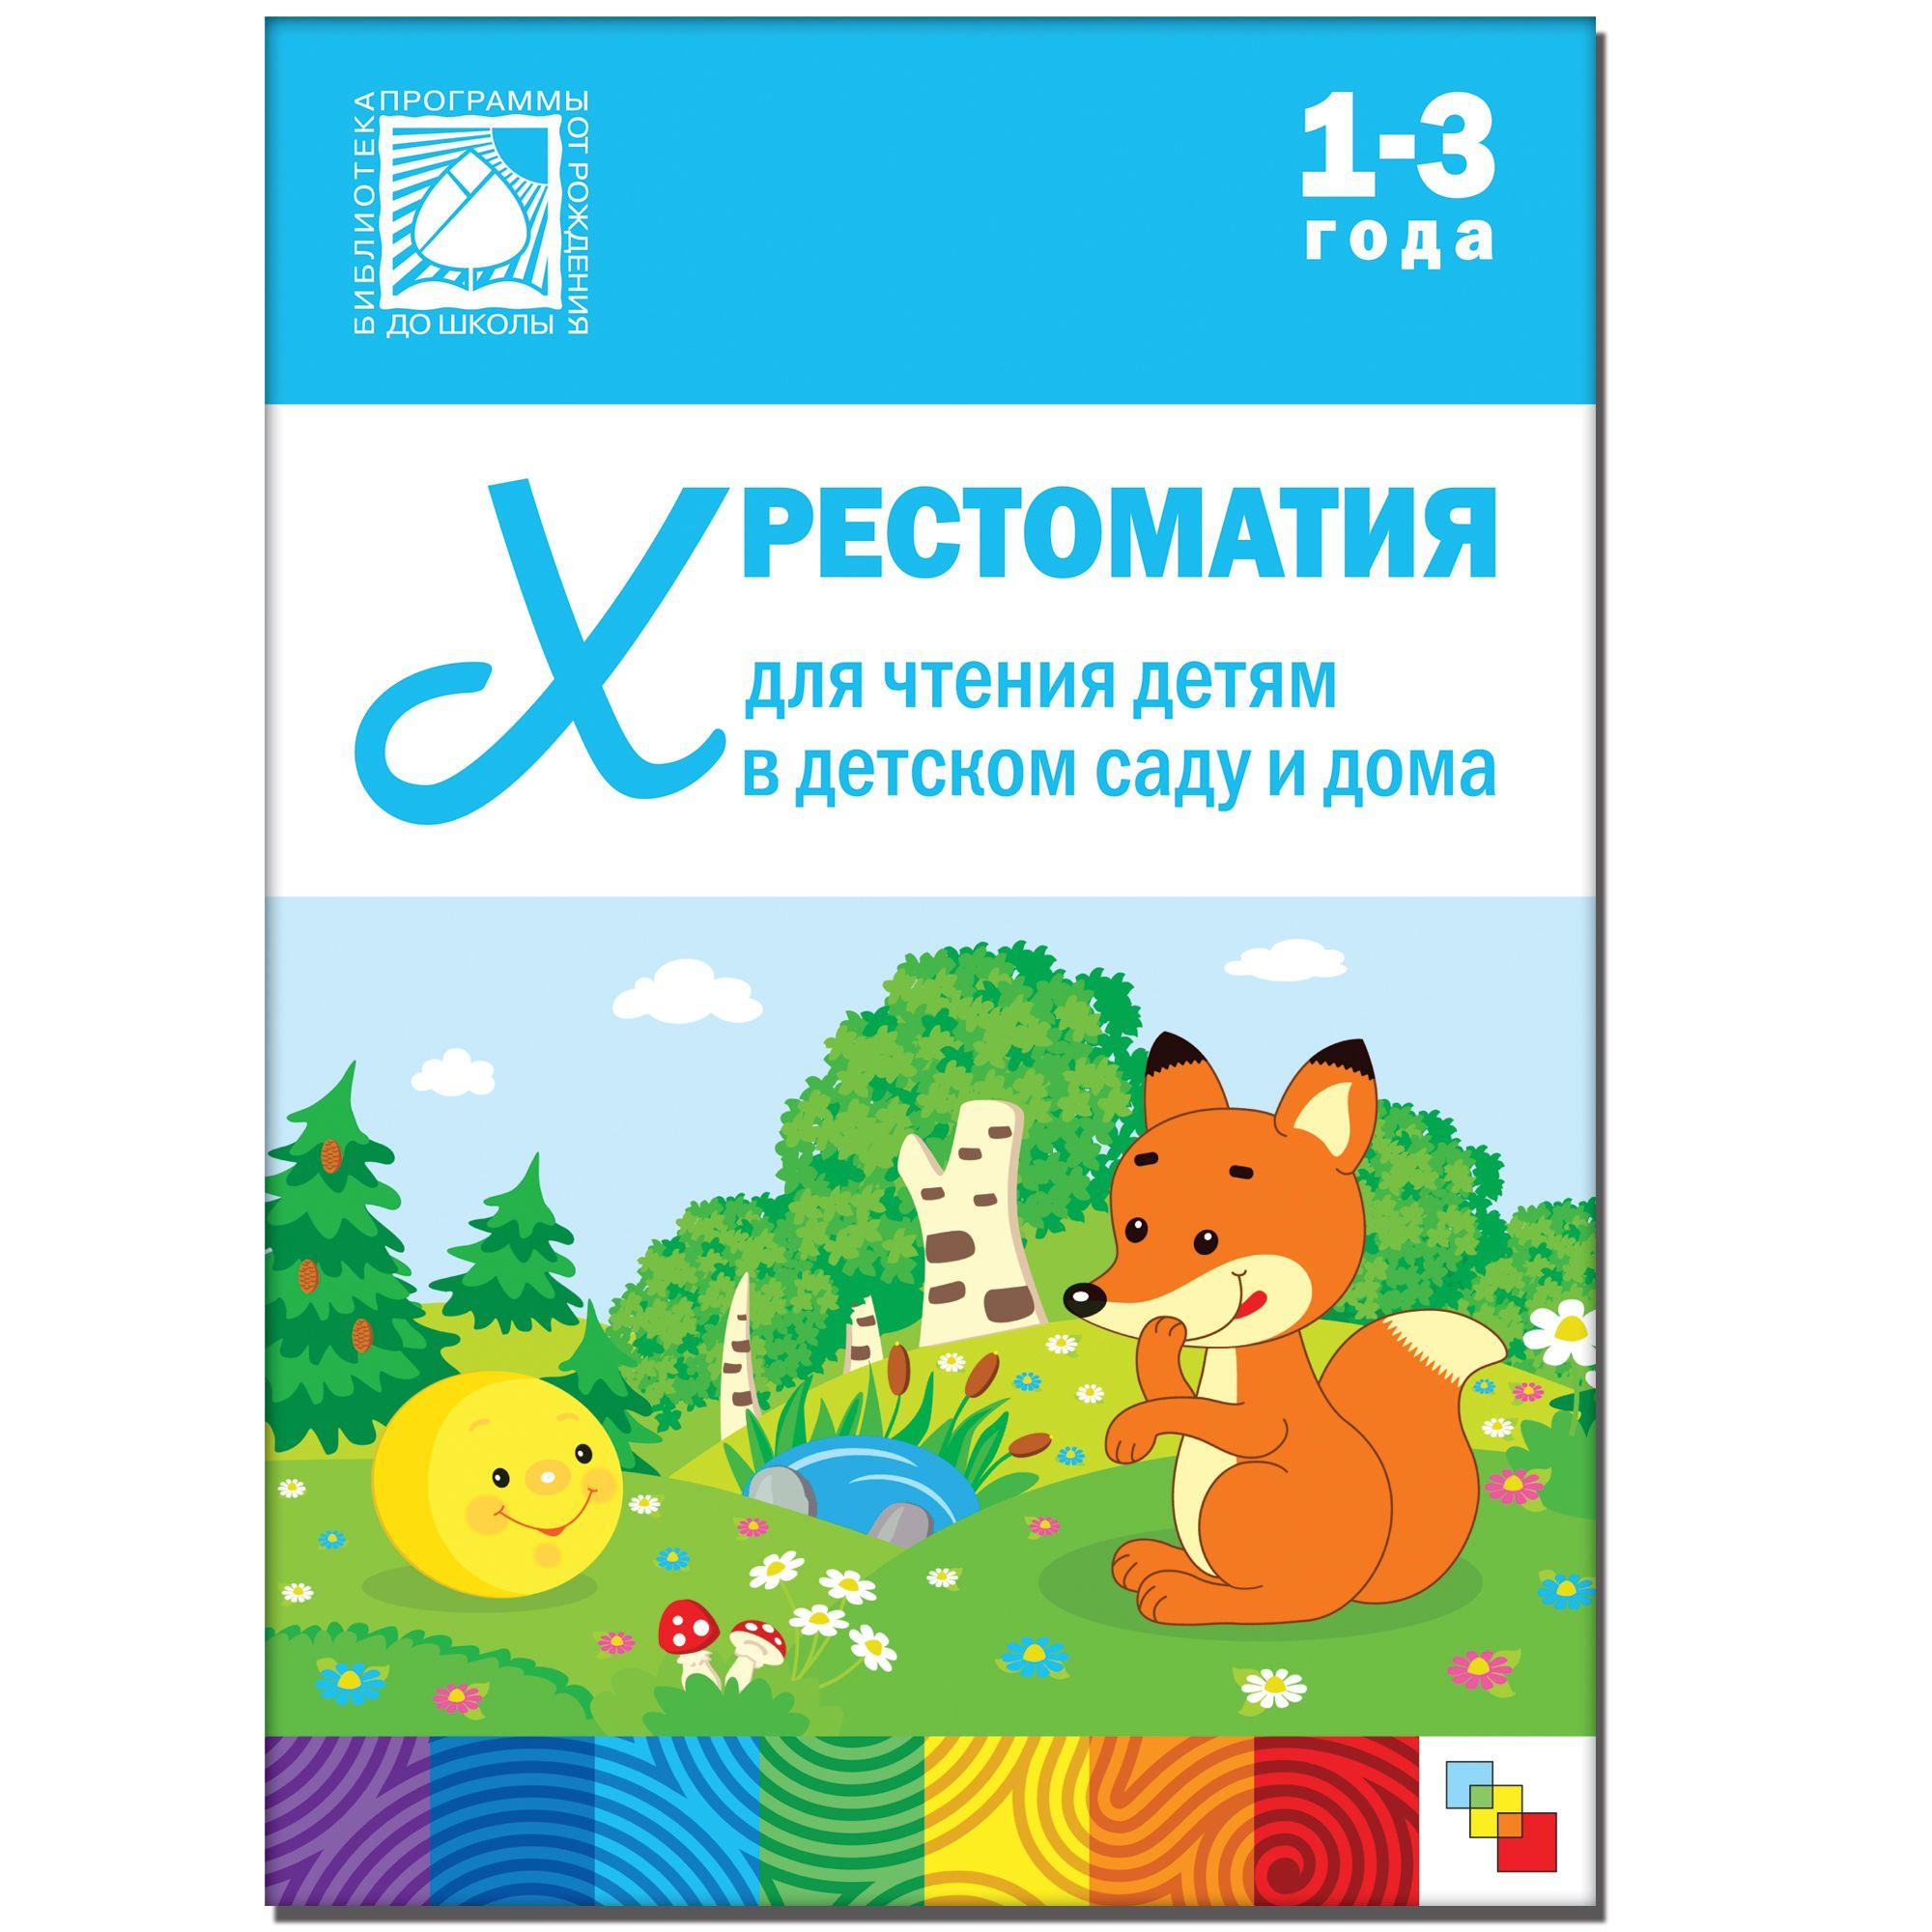 Хрестоматия для чтения детям в детском саду и дома. 1-3  года ФГОС ДО